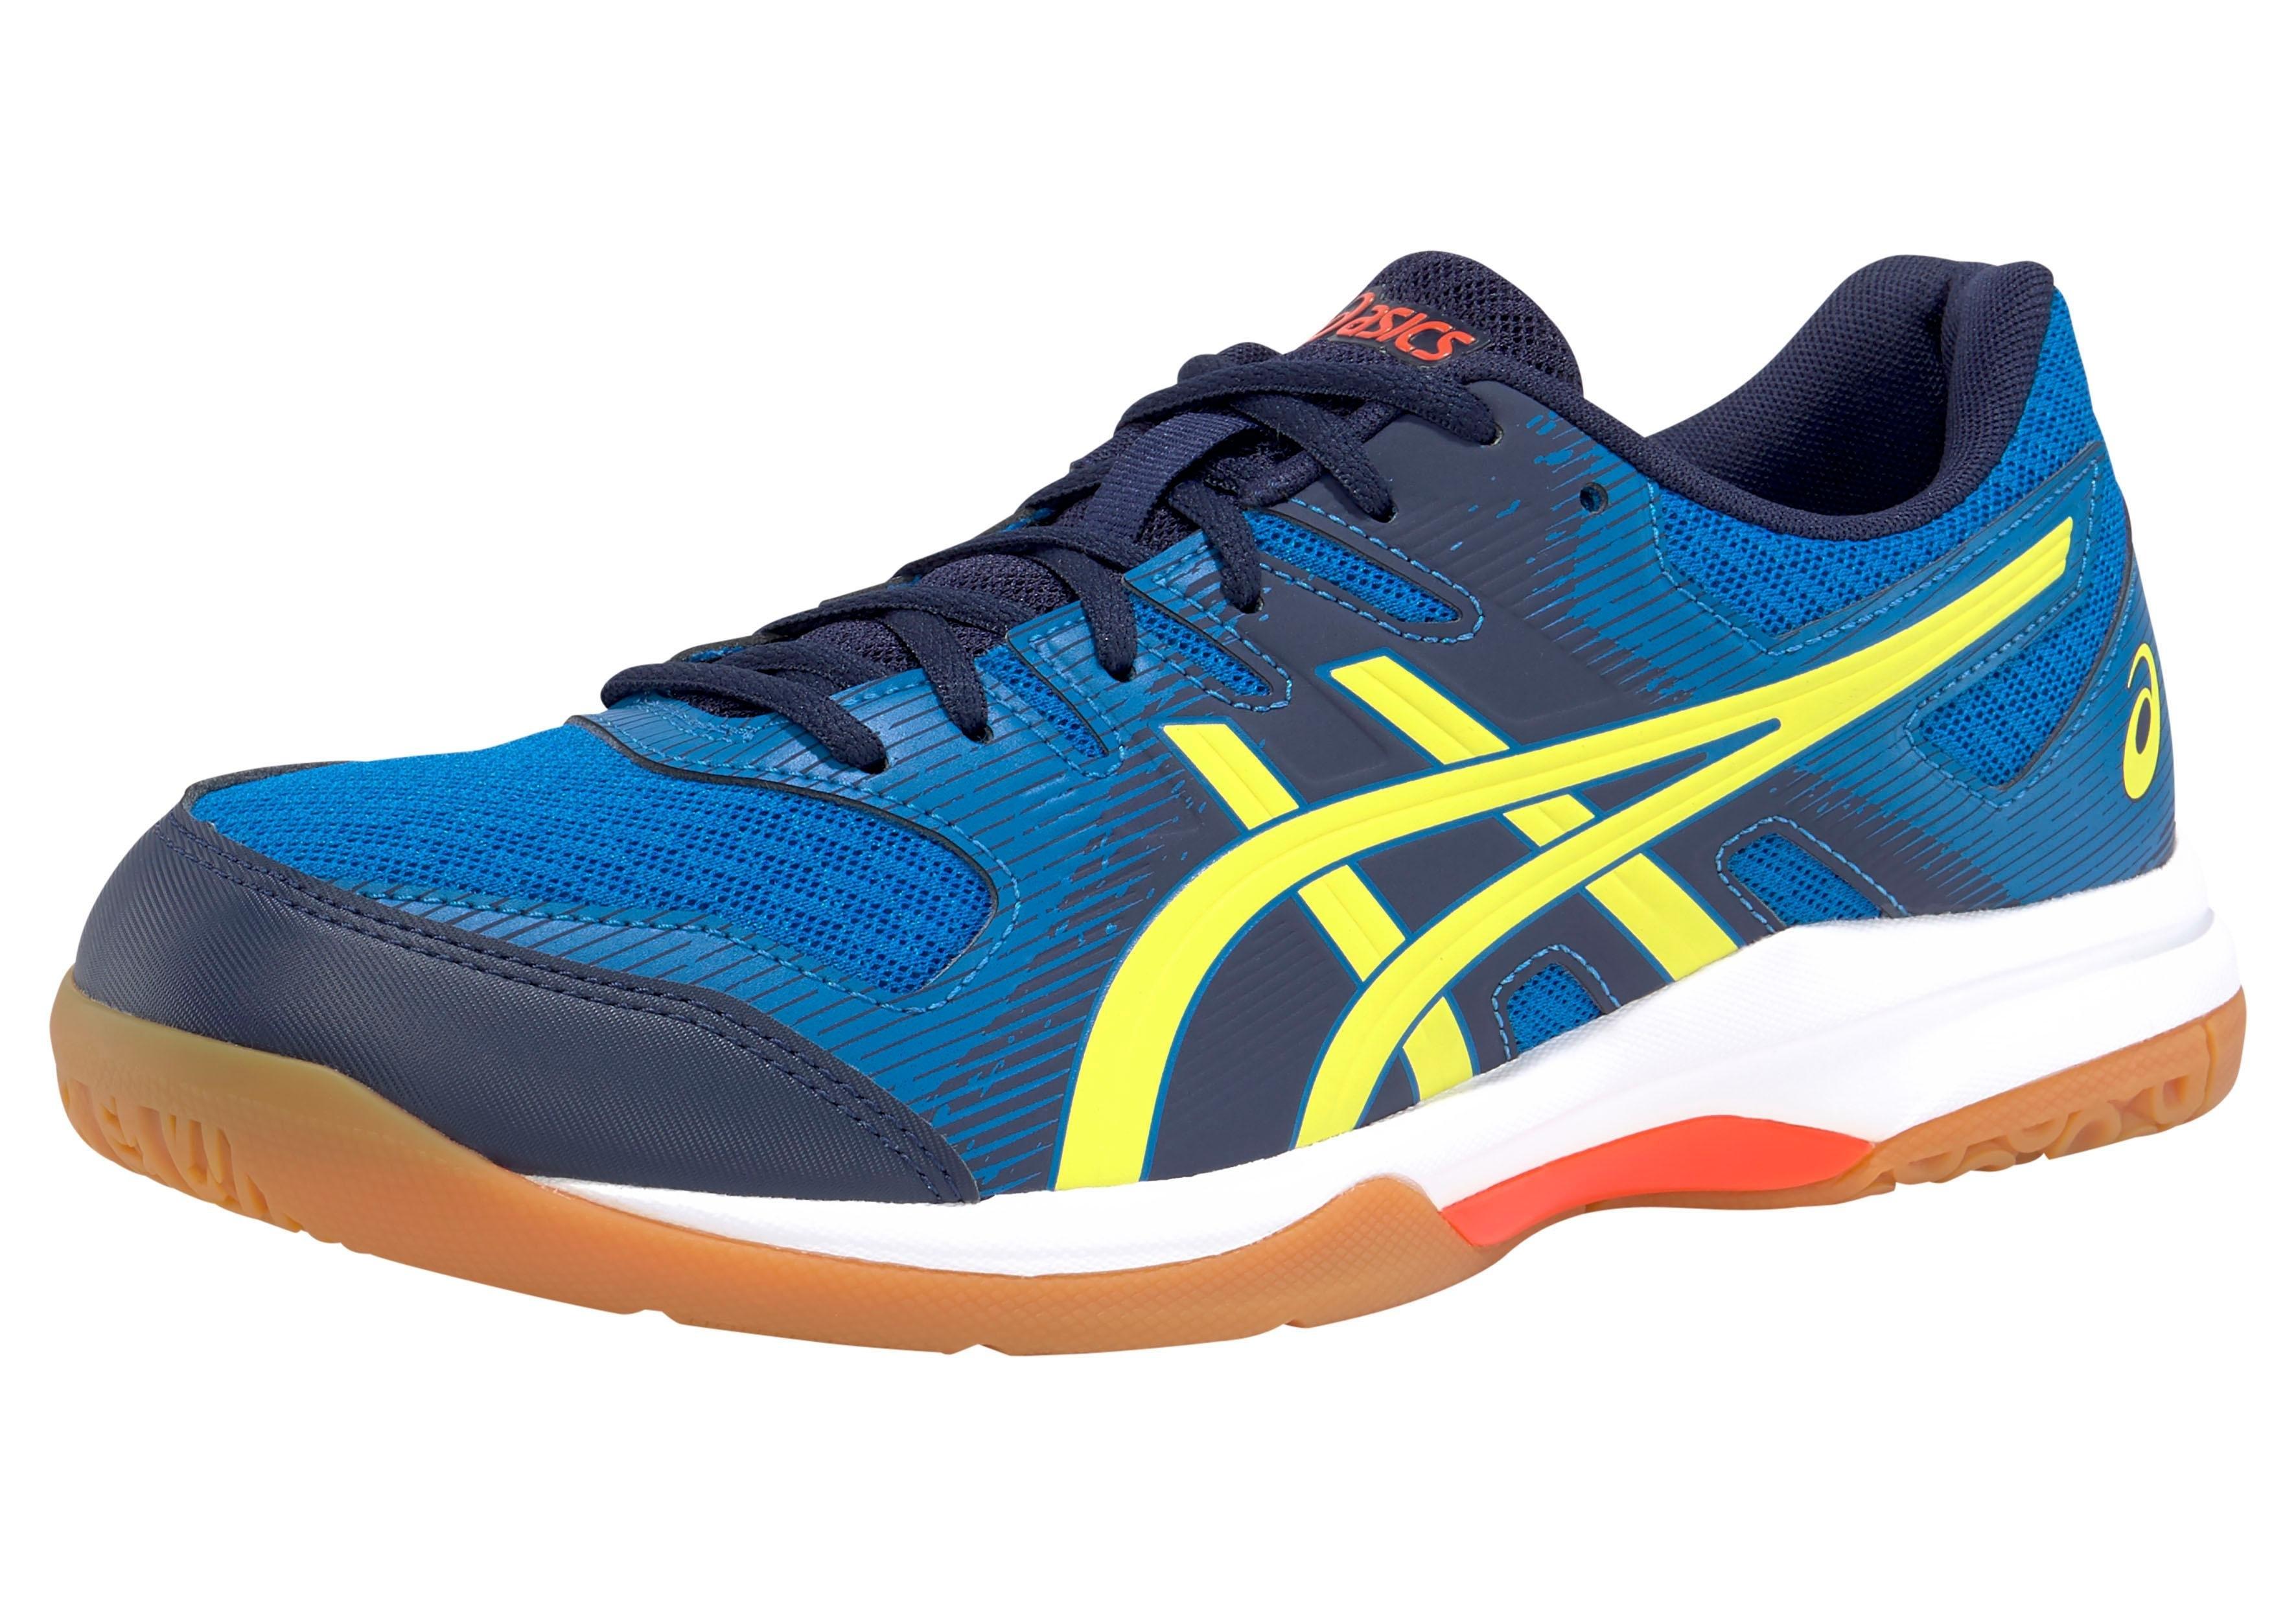 asics indoorschoenen »GEL-ROCKET 9« bij OTTO online kopen